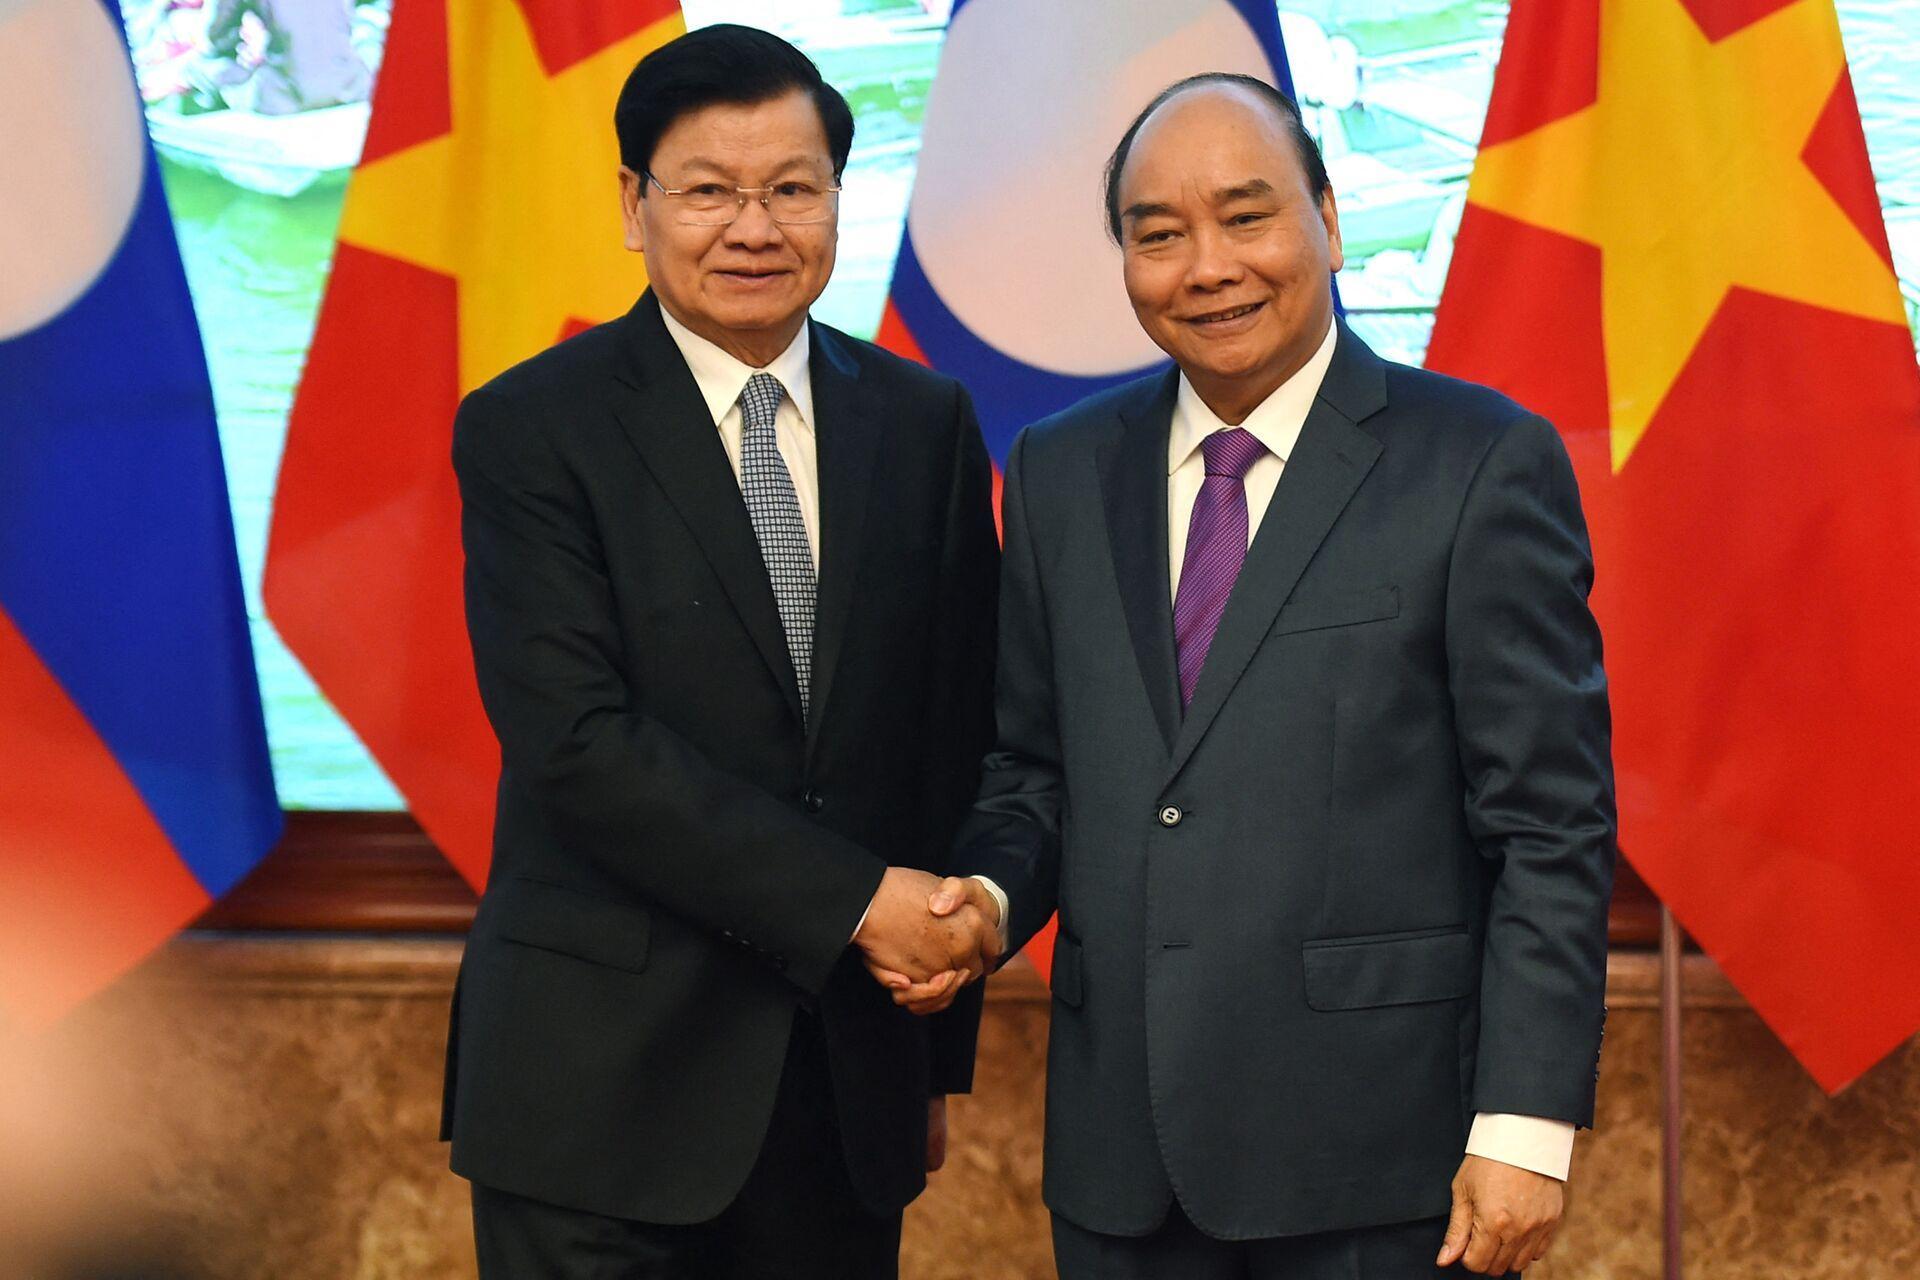 Chính sách đồng minh của Việt Nam và Trung Quốc có gì tương đồng? - Sputnik Việt Nam, 1920, 20.05.2021